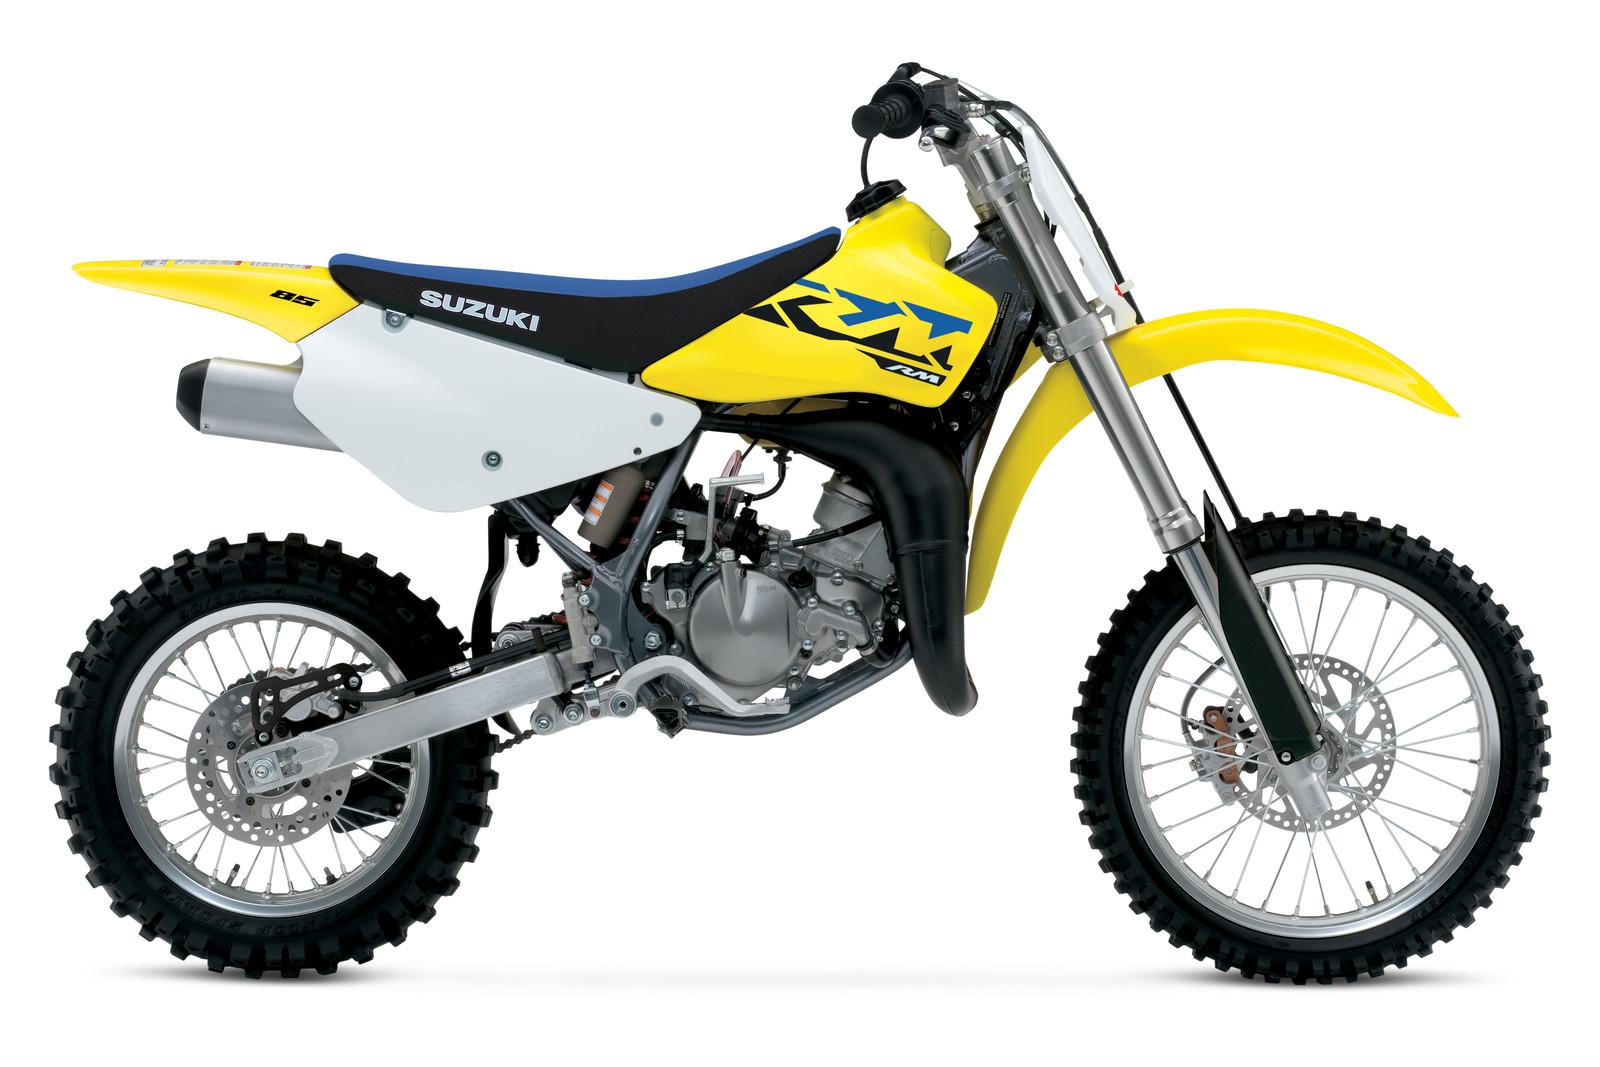 2021 Suzuki RM85: MSRP $4,299